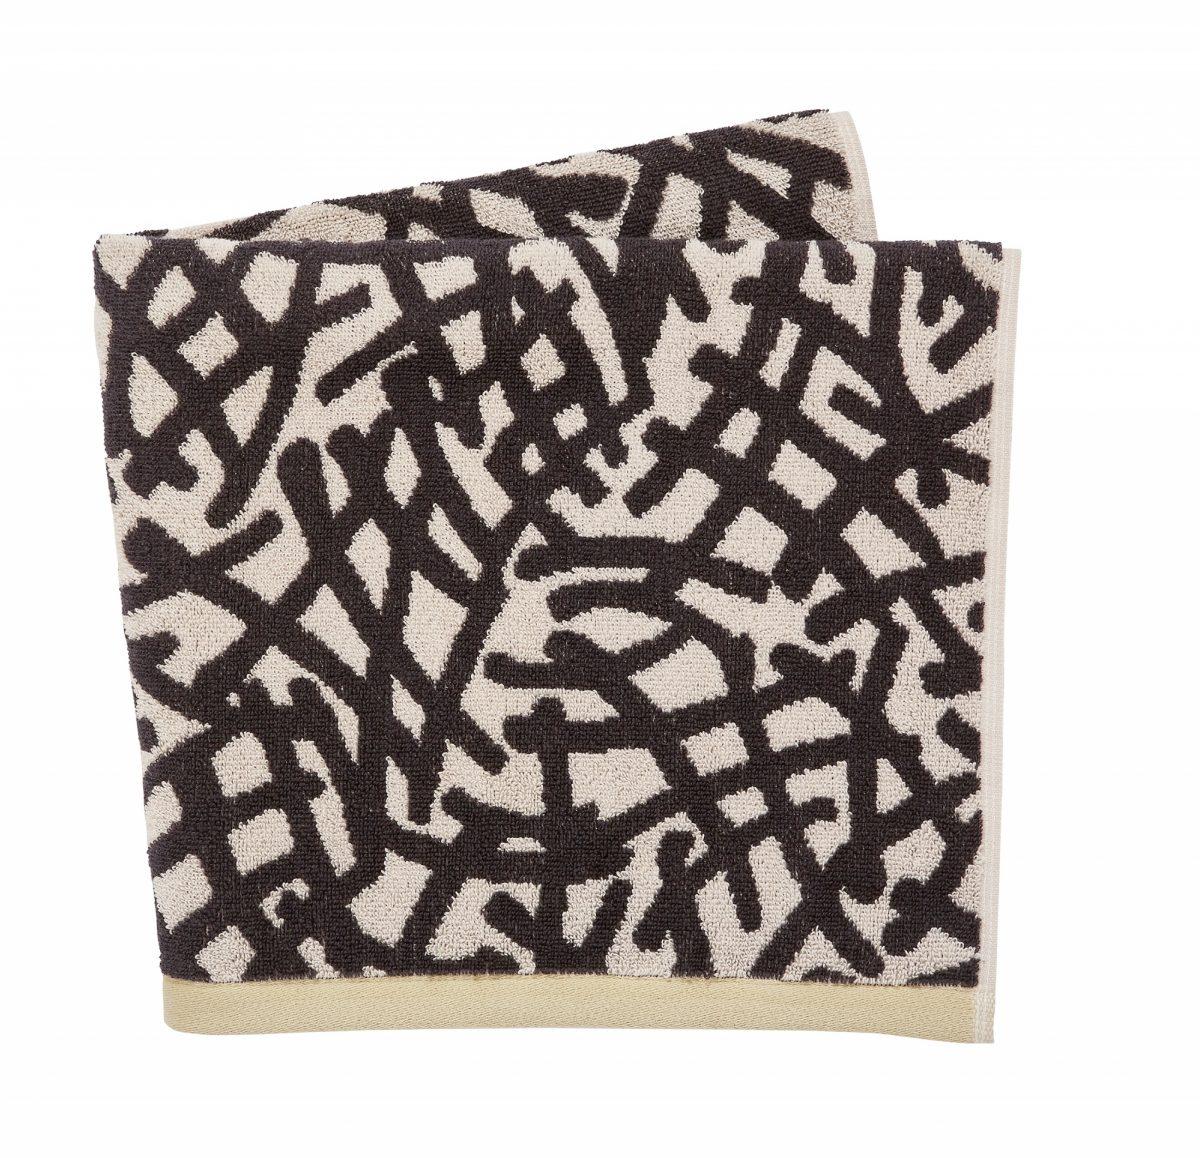 HS MODA Anise towel folded co